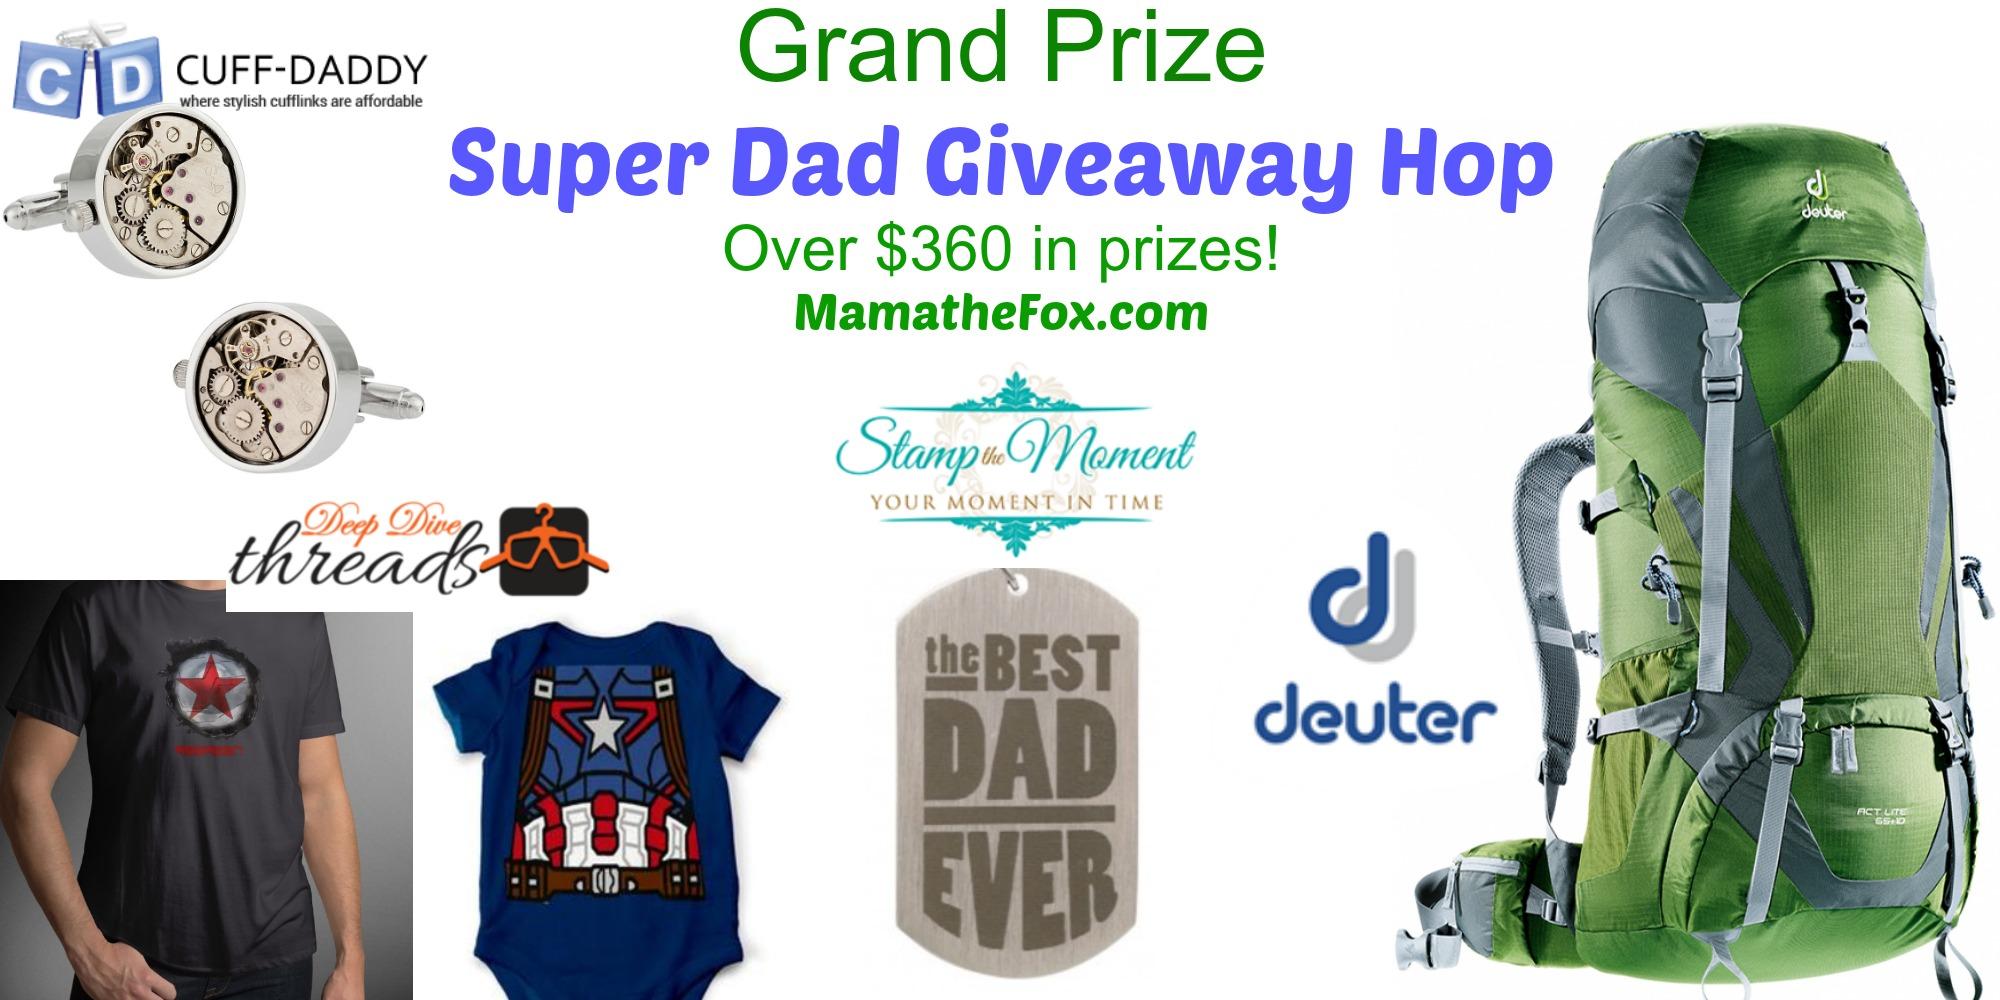 Super Dad Grand Prize